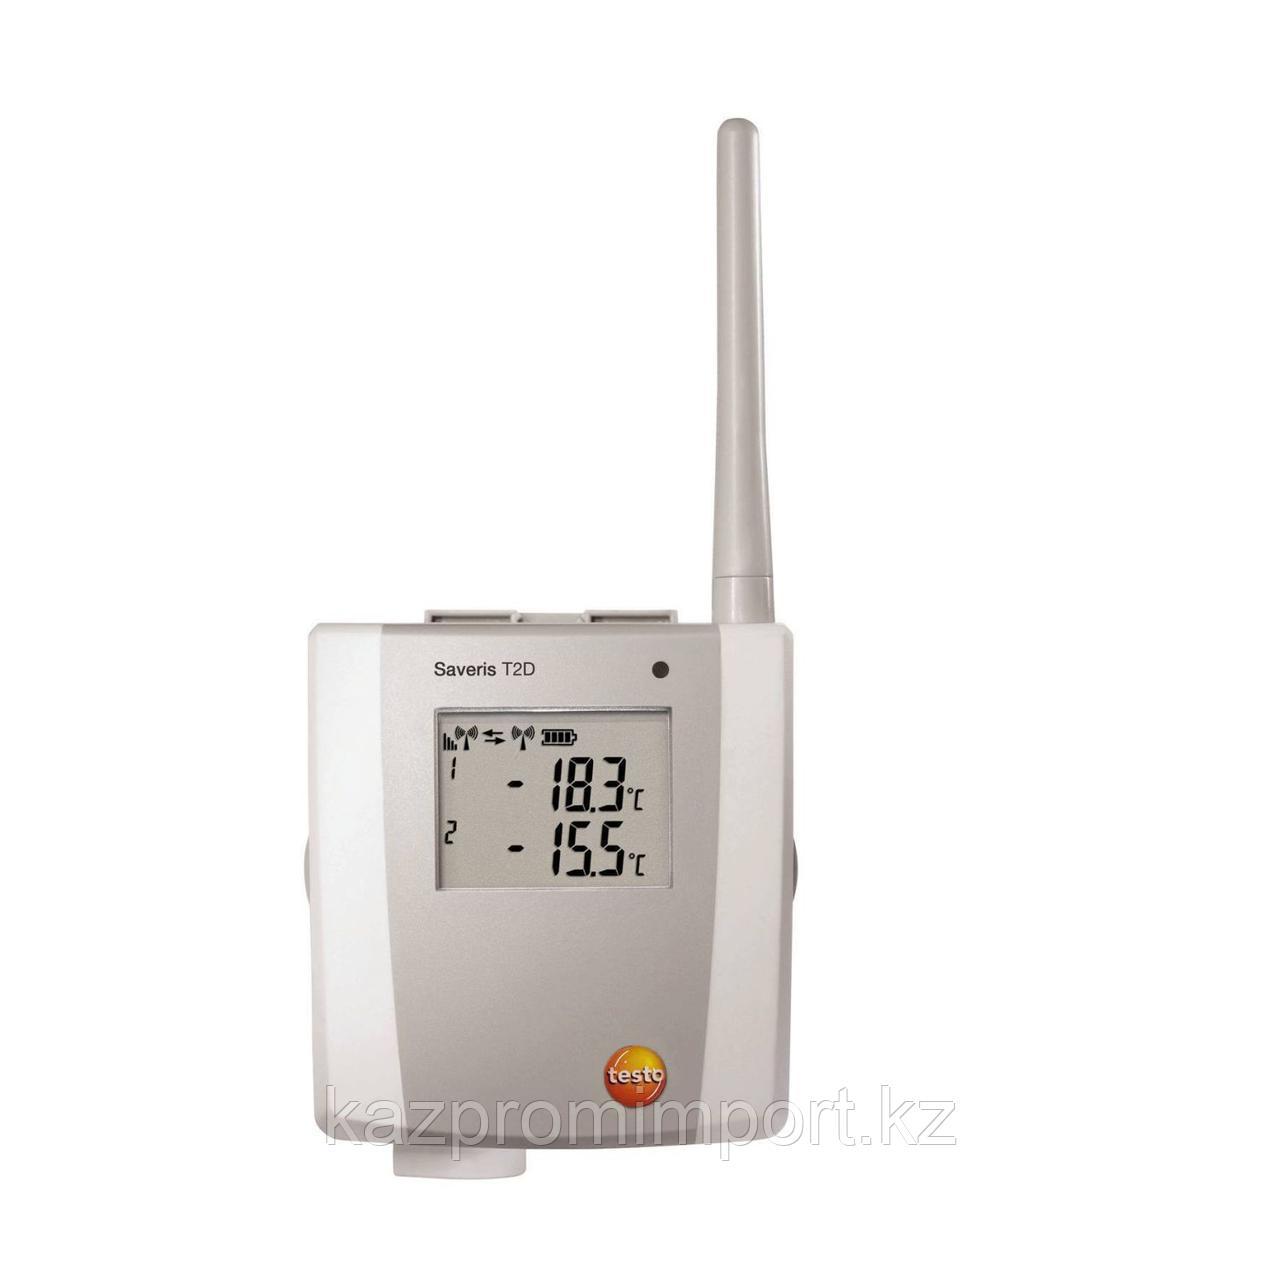 Testo Saveris T2 D - 2-х канальный радиозонд температуры, с дверным контактом и дисплеем